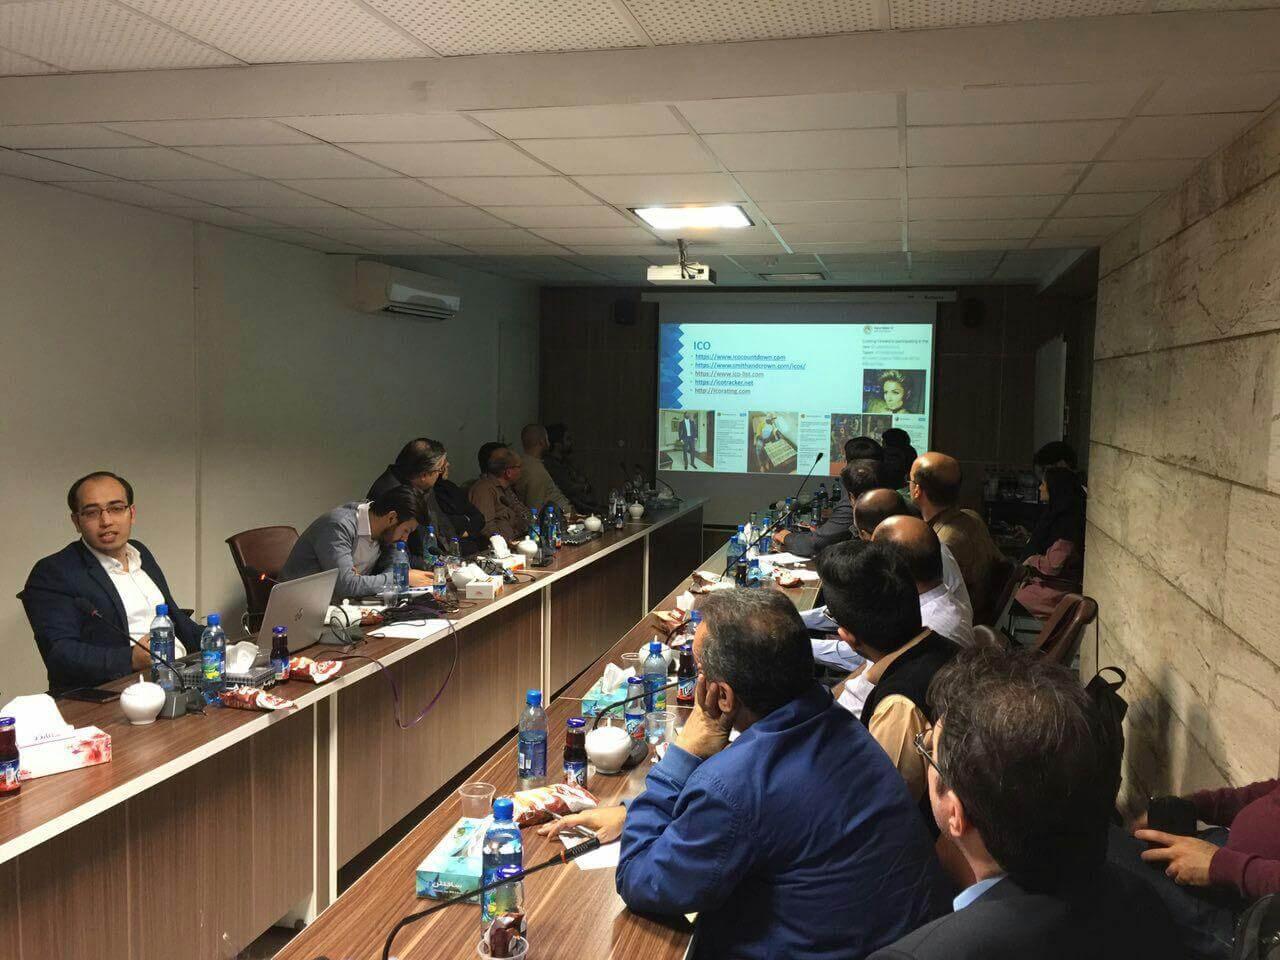 رویداد آموزشی چگونه ترید کریپتو را شروع کنیم دانشگاه شریف حسین غضنفری